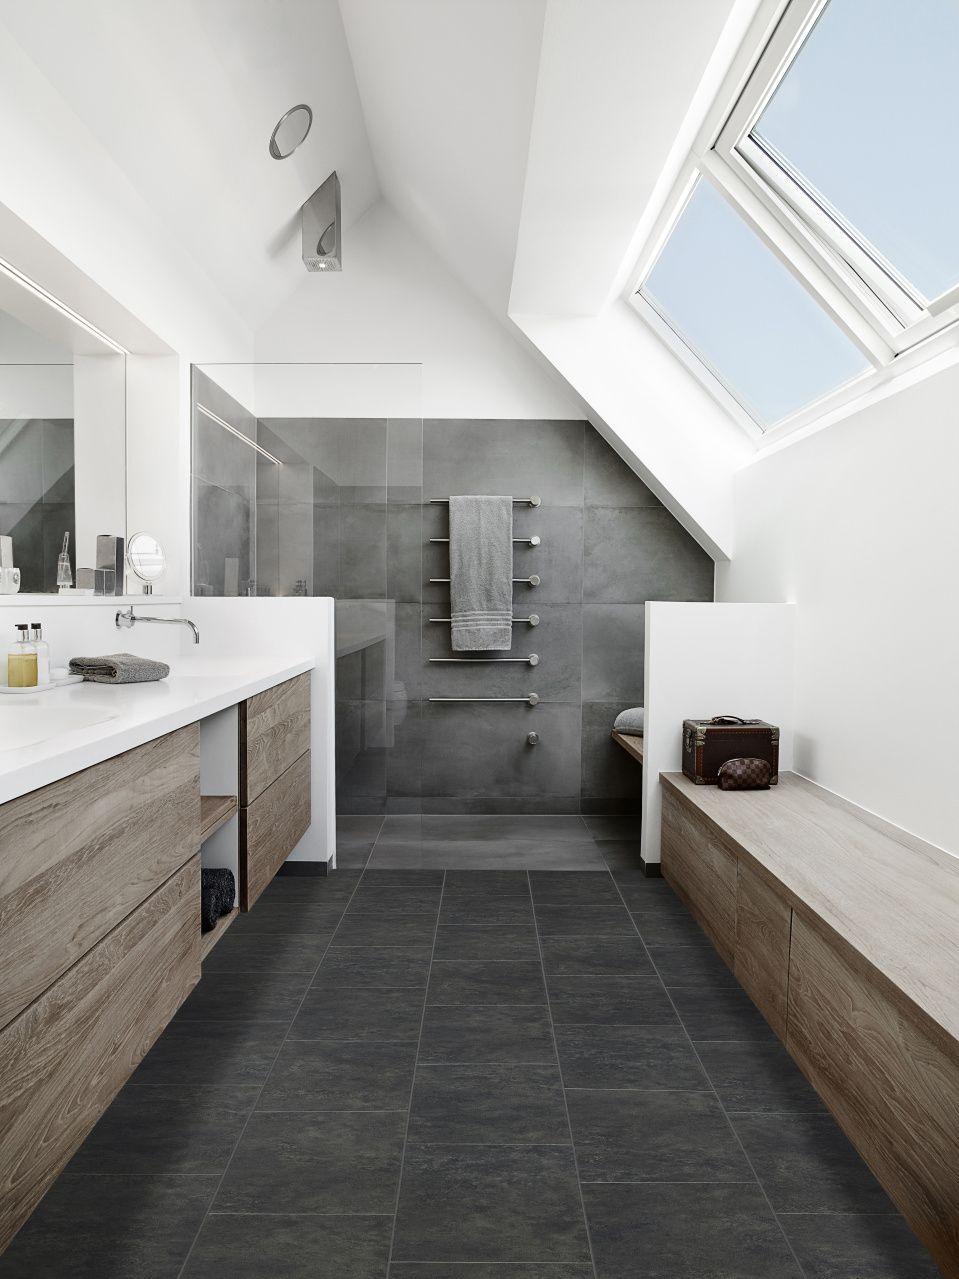 De kleuren in deze badkamer passen goed bij elkaar en het hout geeft het textuur nieuw huis - Wasgoed in de badkamer ...